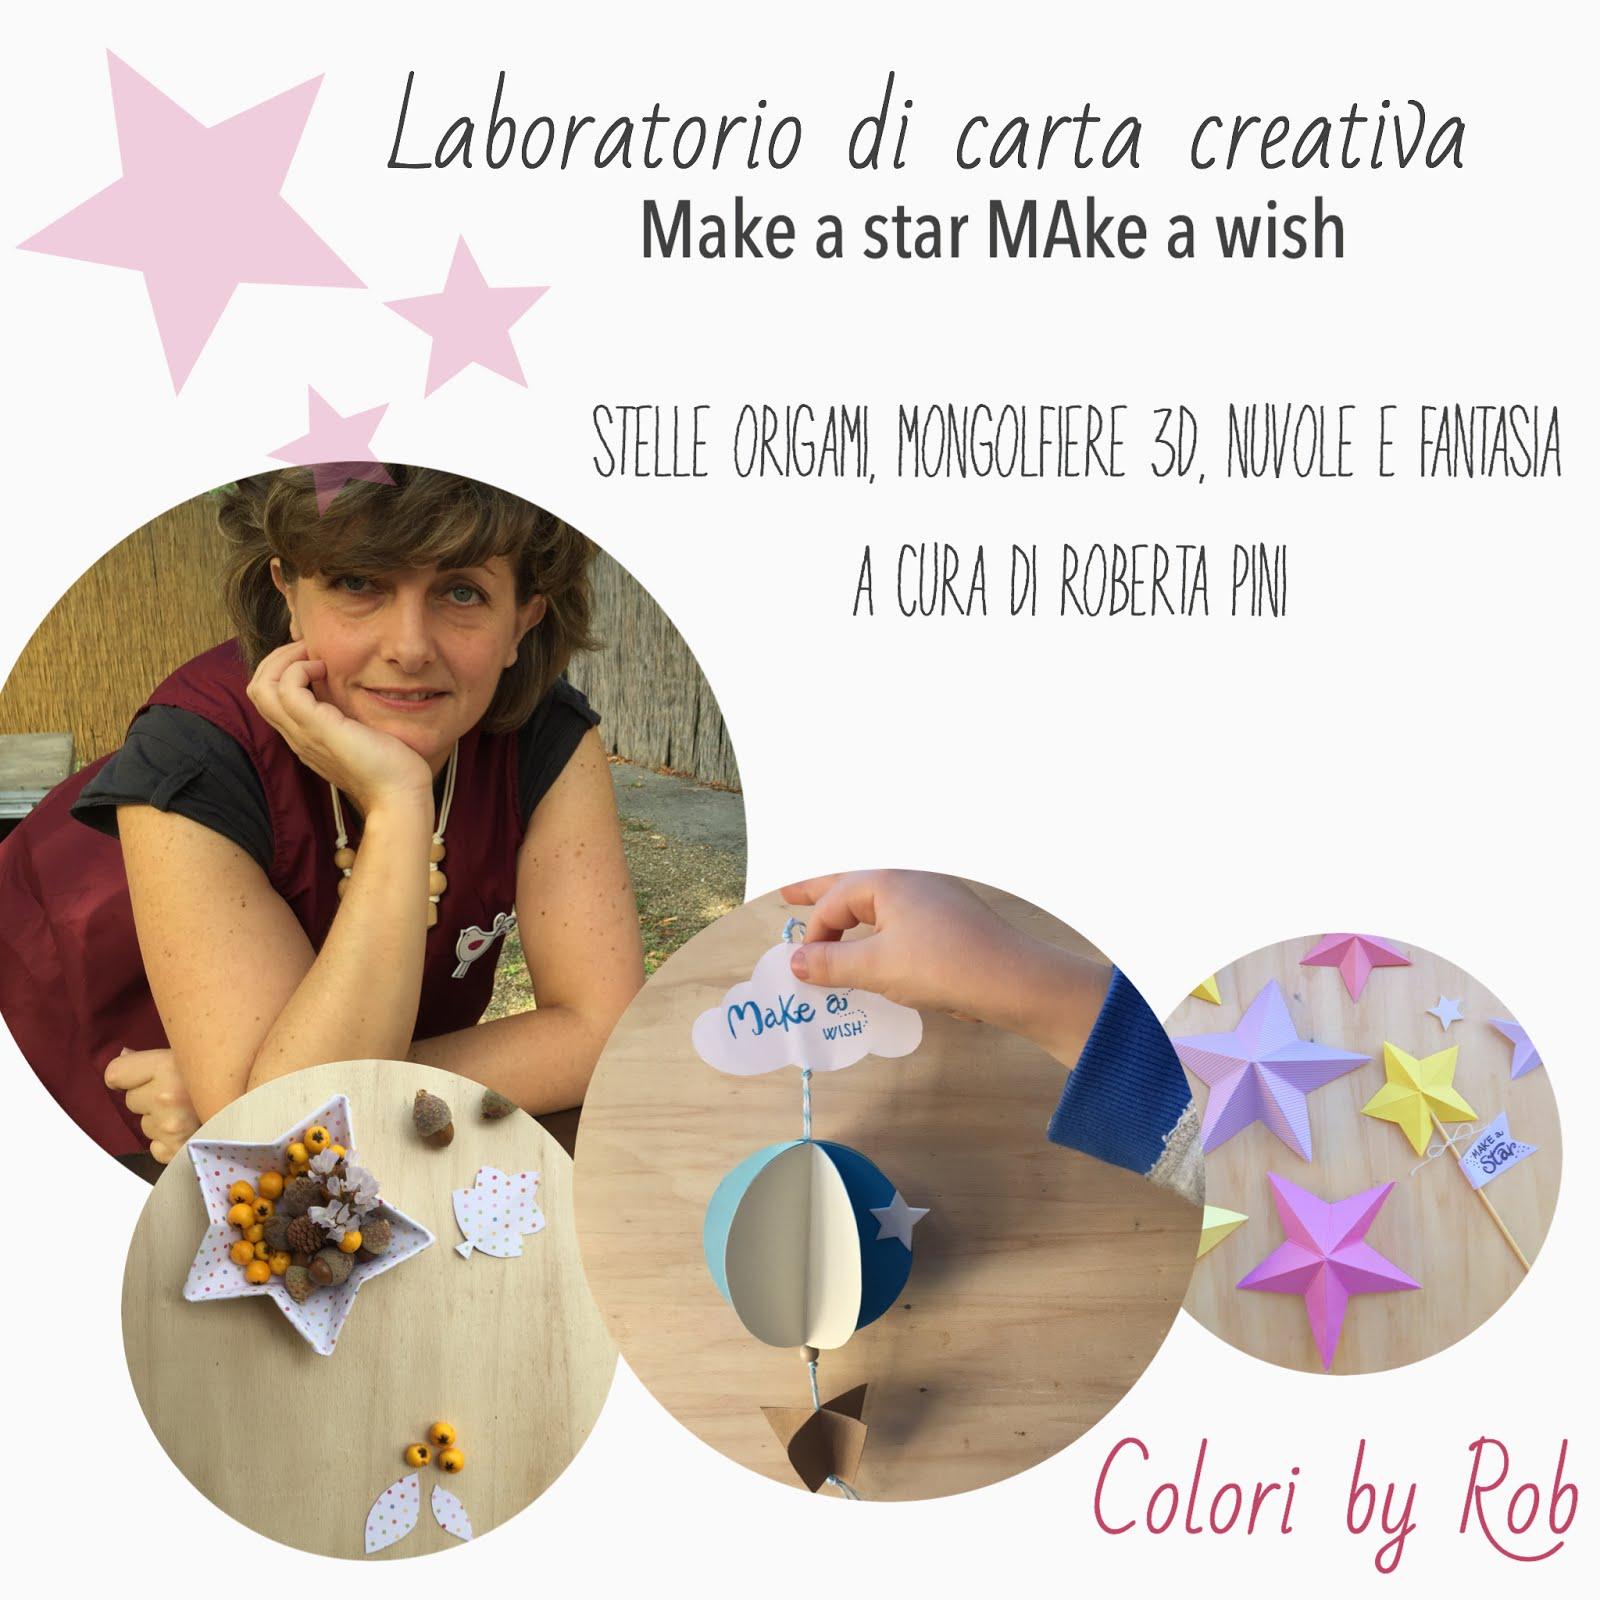 Florence creativity dal 27 al 30 di ottobre